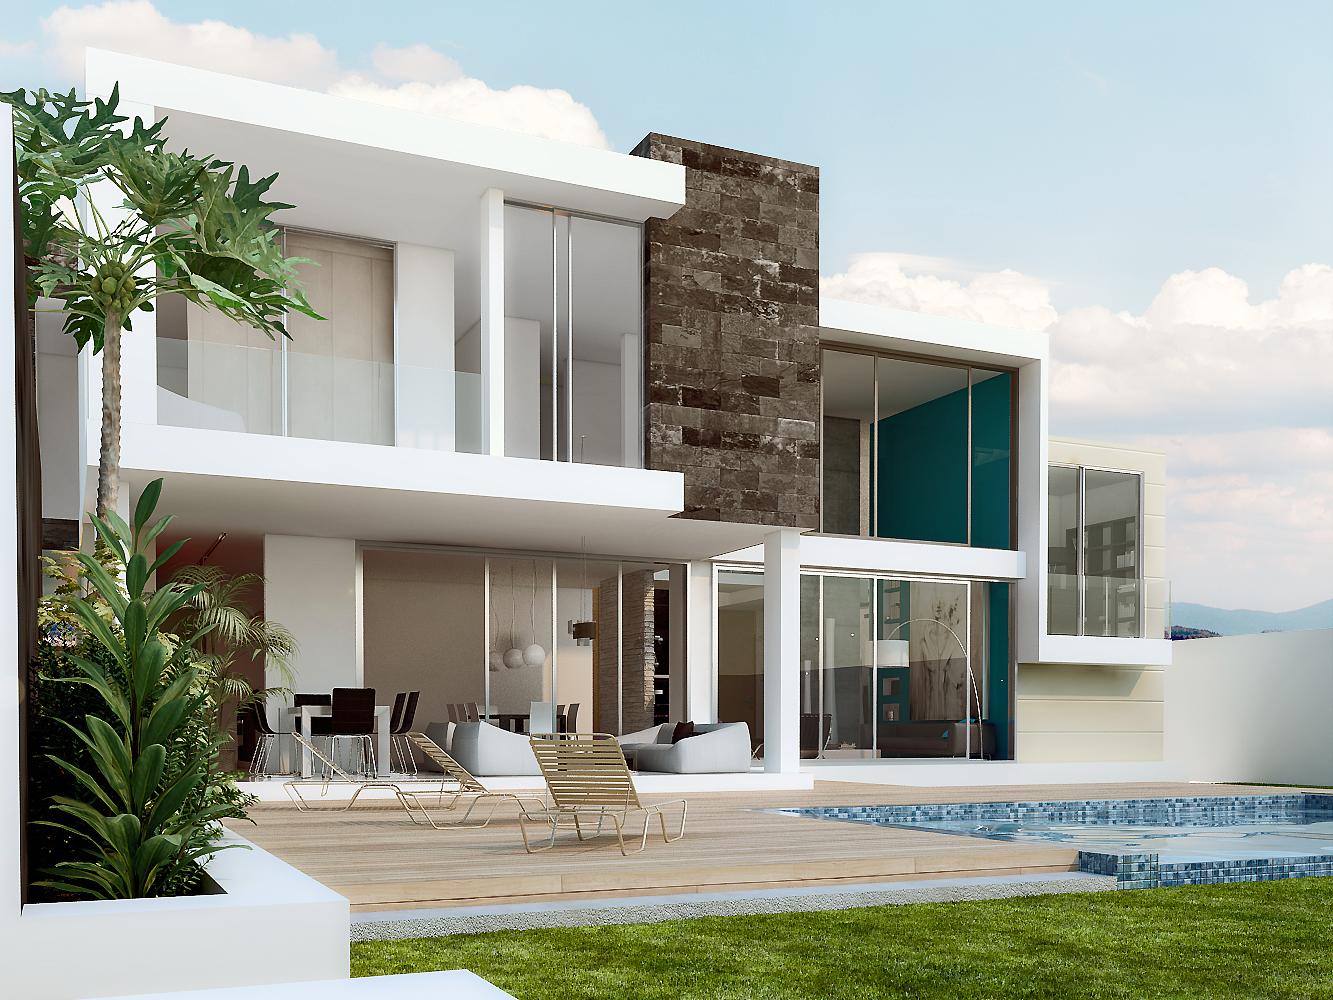 Pe aranda arquitectos dise o y construccion casa gloria for Diseno y construccion de casas